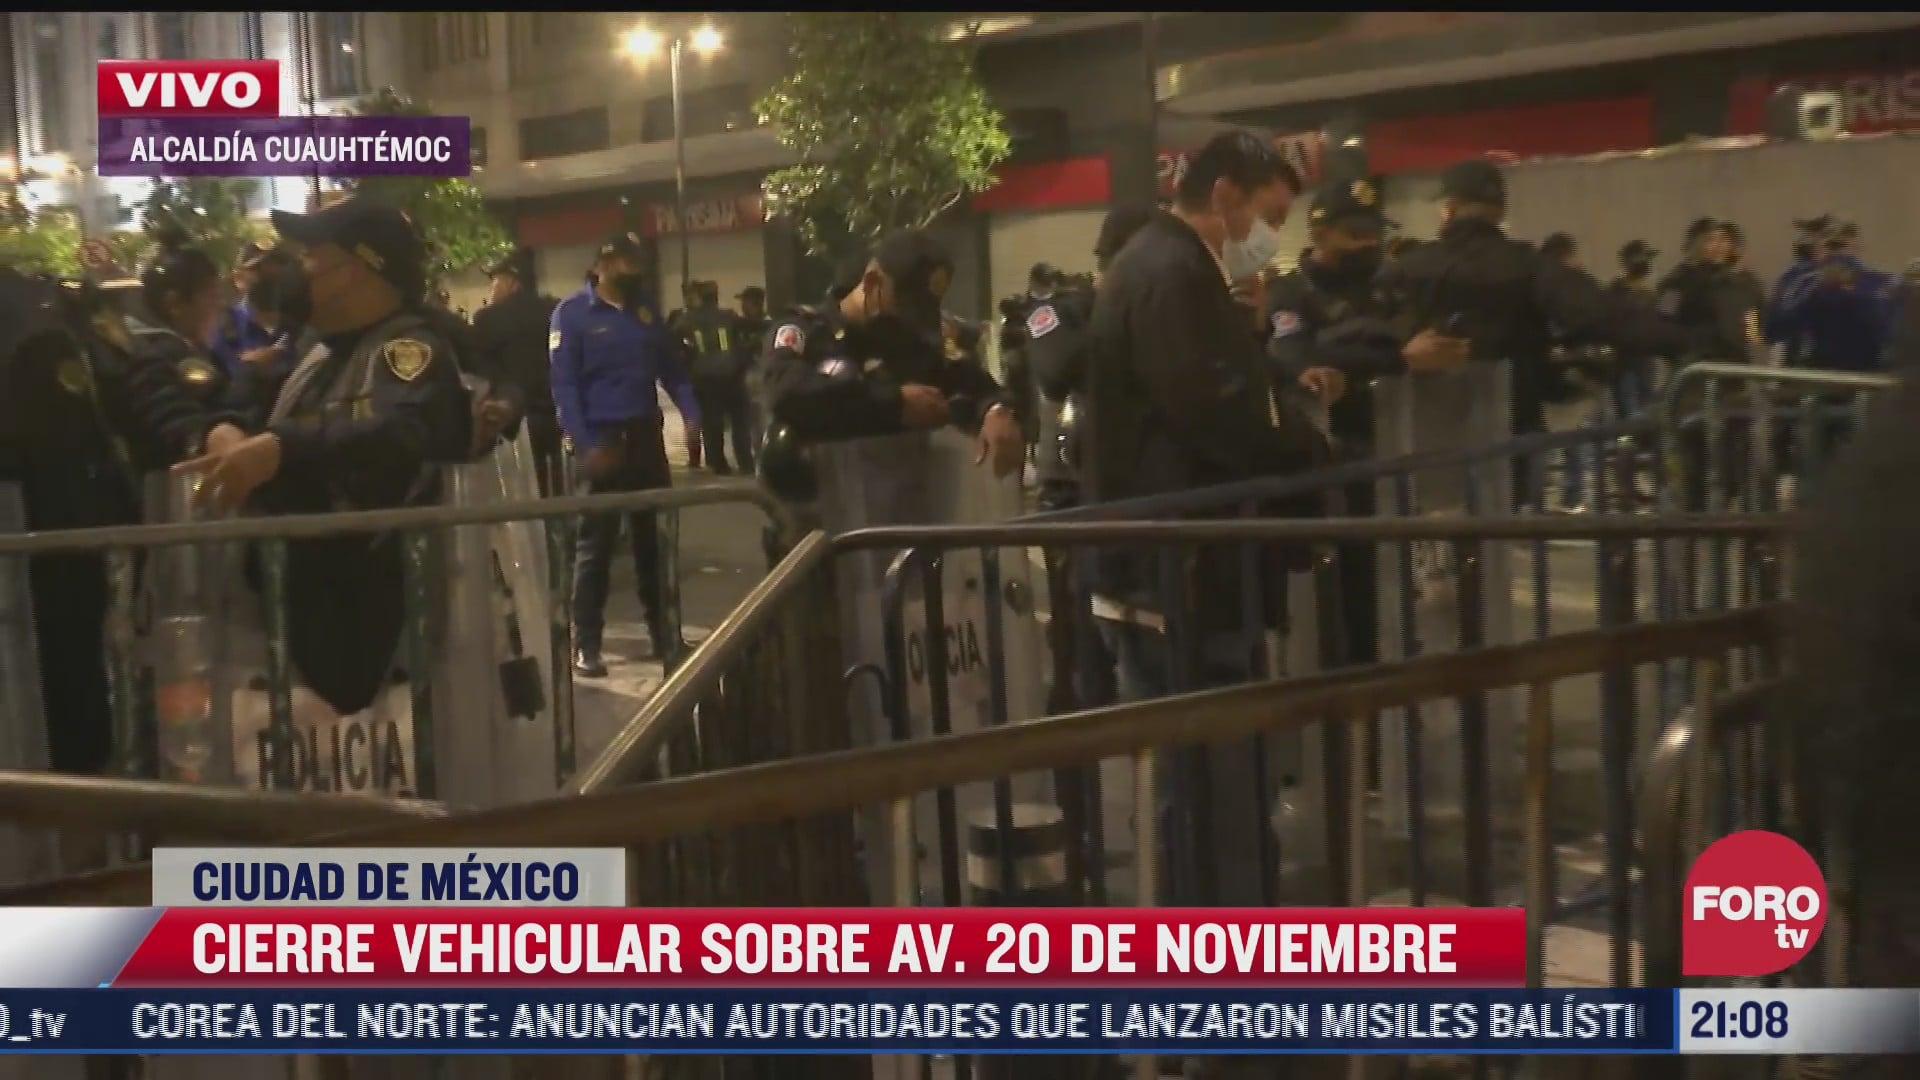 policias cierran 20 de noviembre en el centro historico de la cdmx por grito